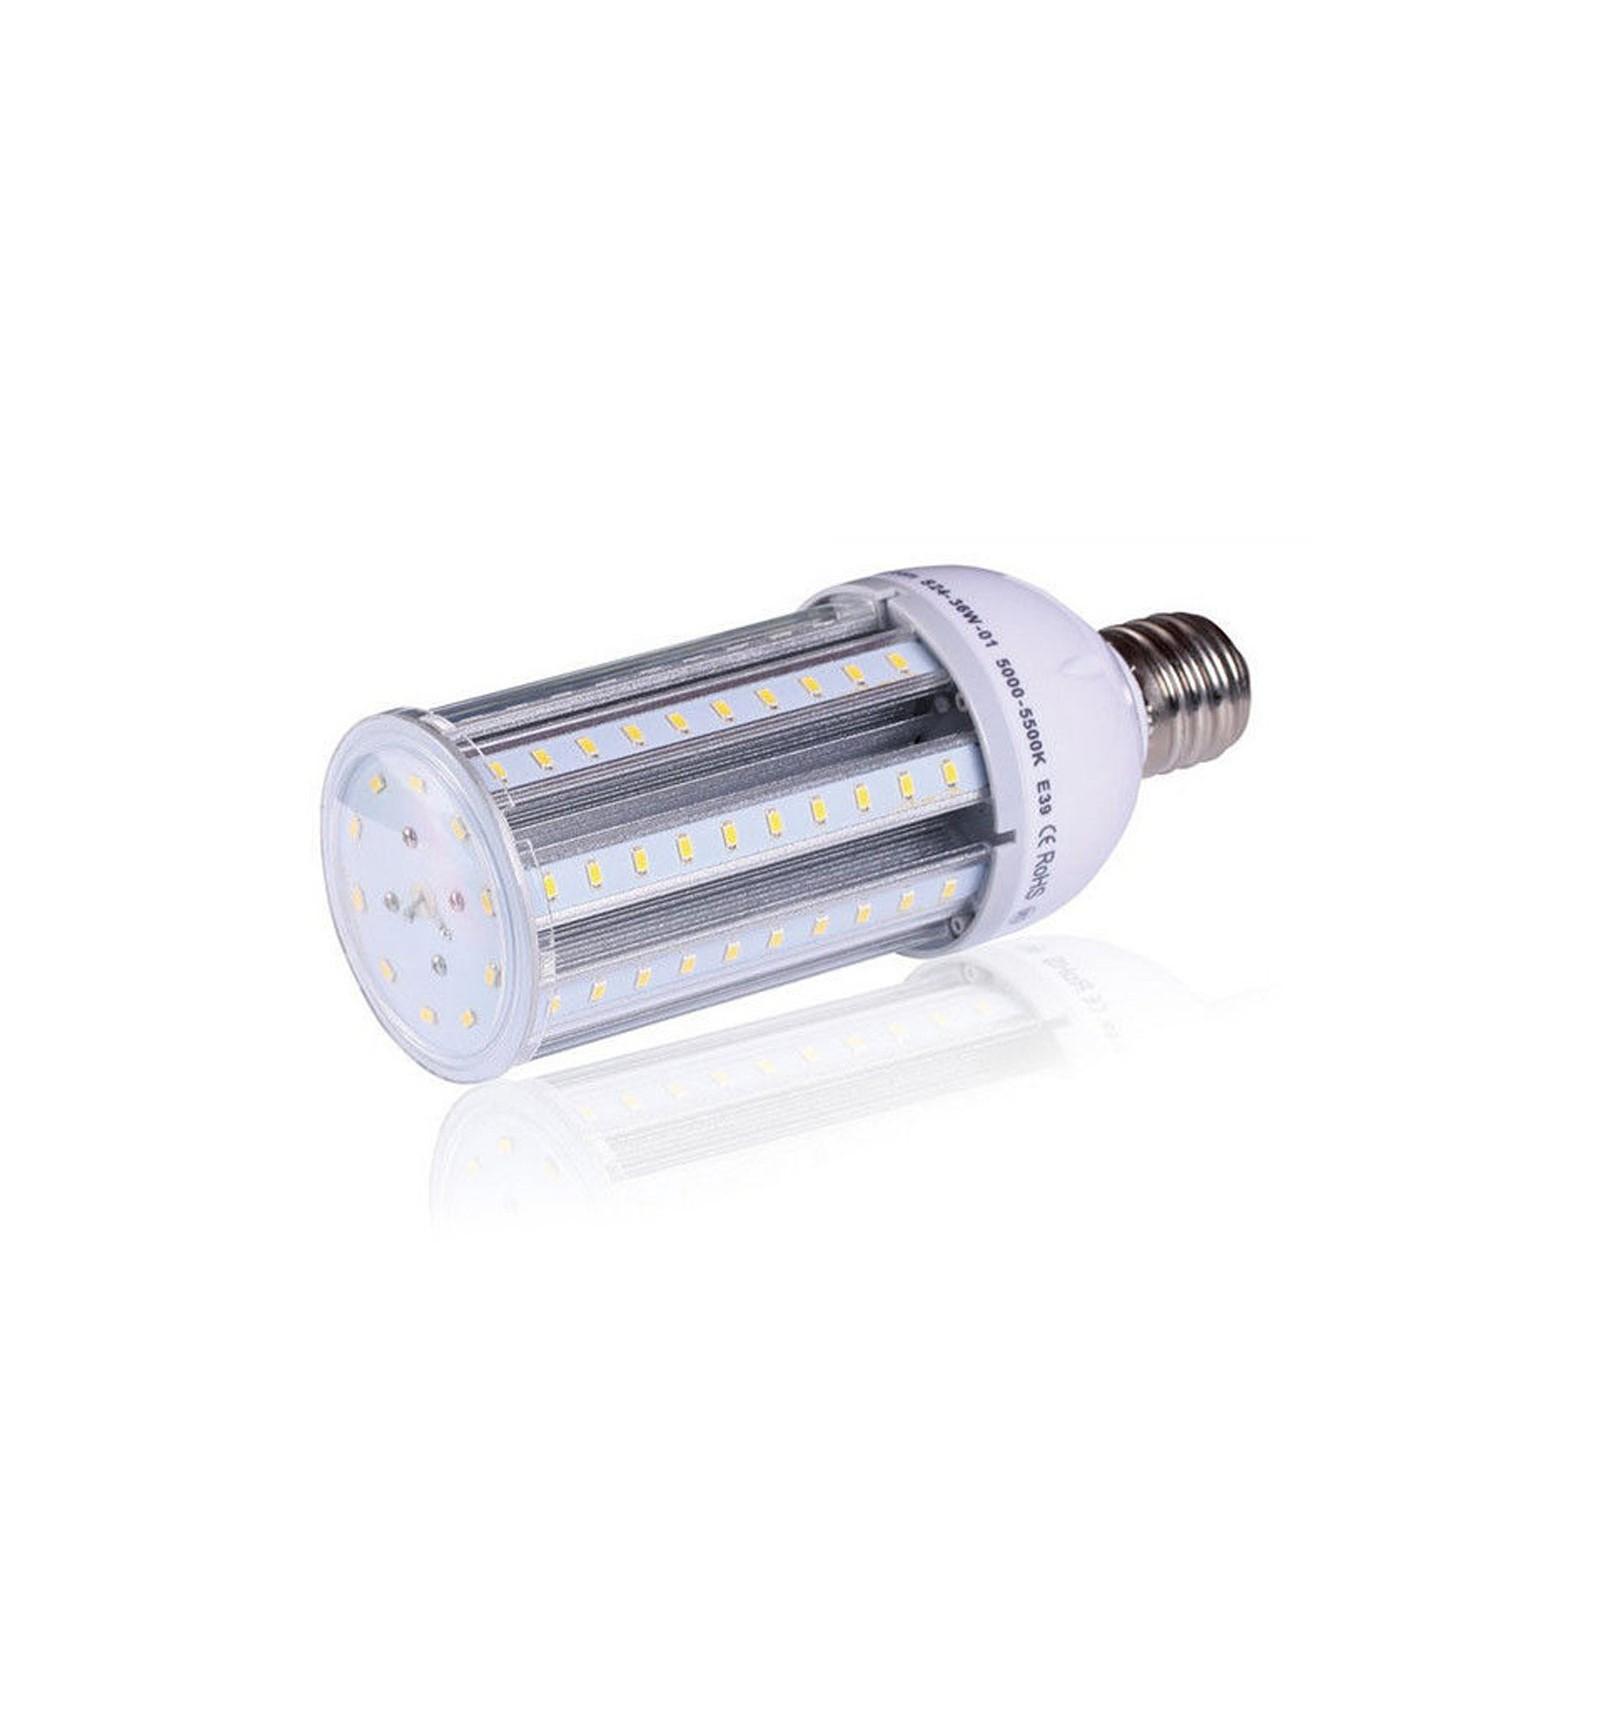 E27 Eclairage Ampoule 6000k Public 36w Led NZ8nwO0PXk